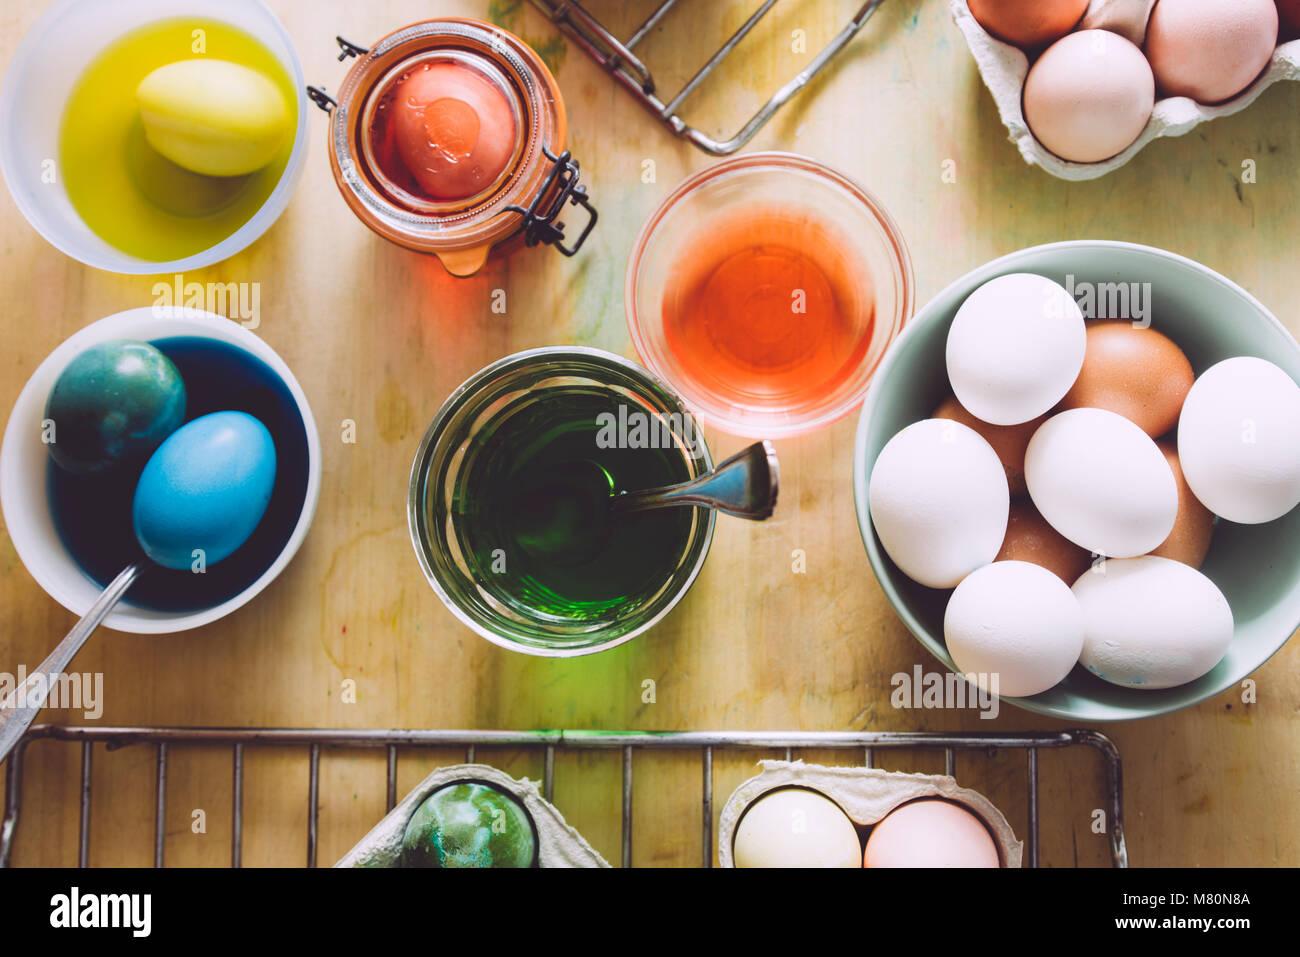 Palette Of Fresh Eggs Stockfotos & Palette Of Fresh Eggs Bilder - Alamy